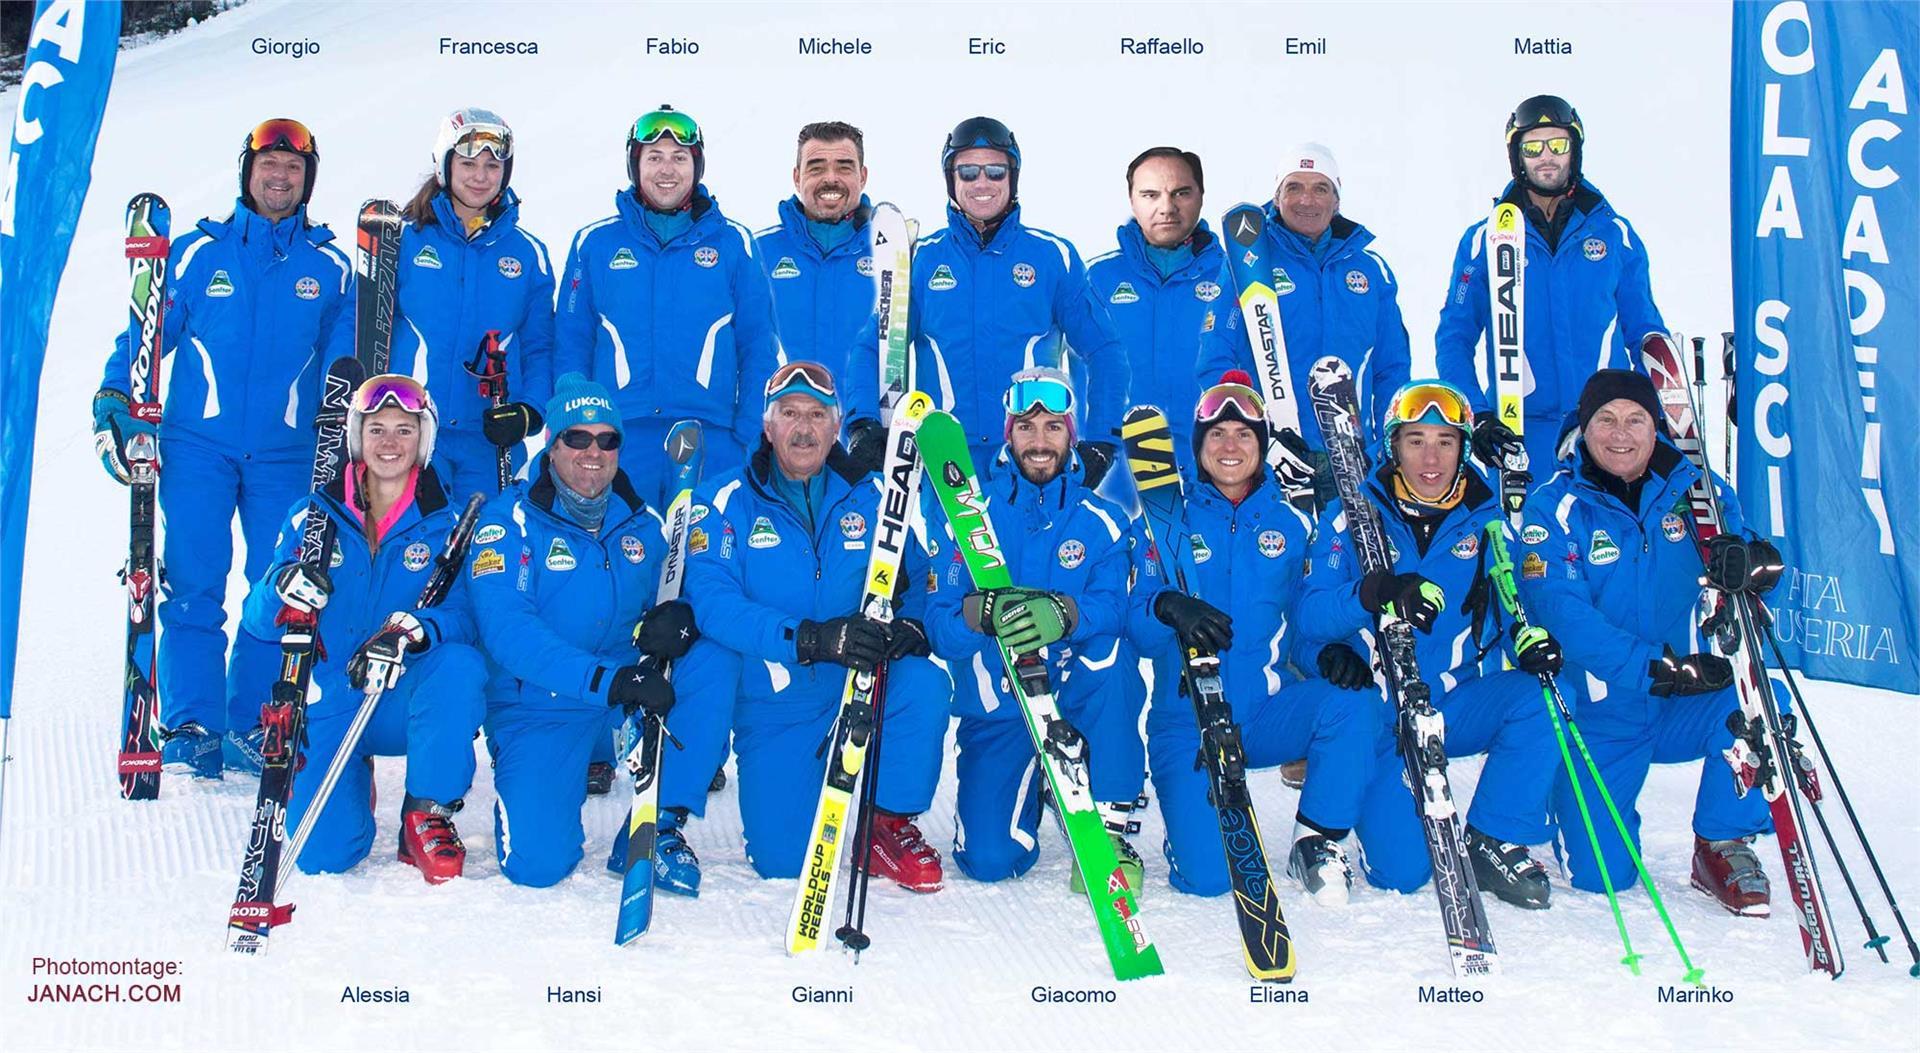 Ski Academy Hochpustertal by Gianni Spiazzi